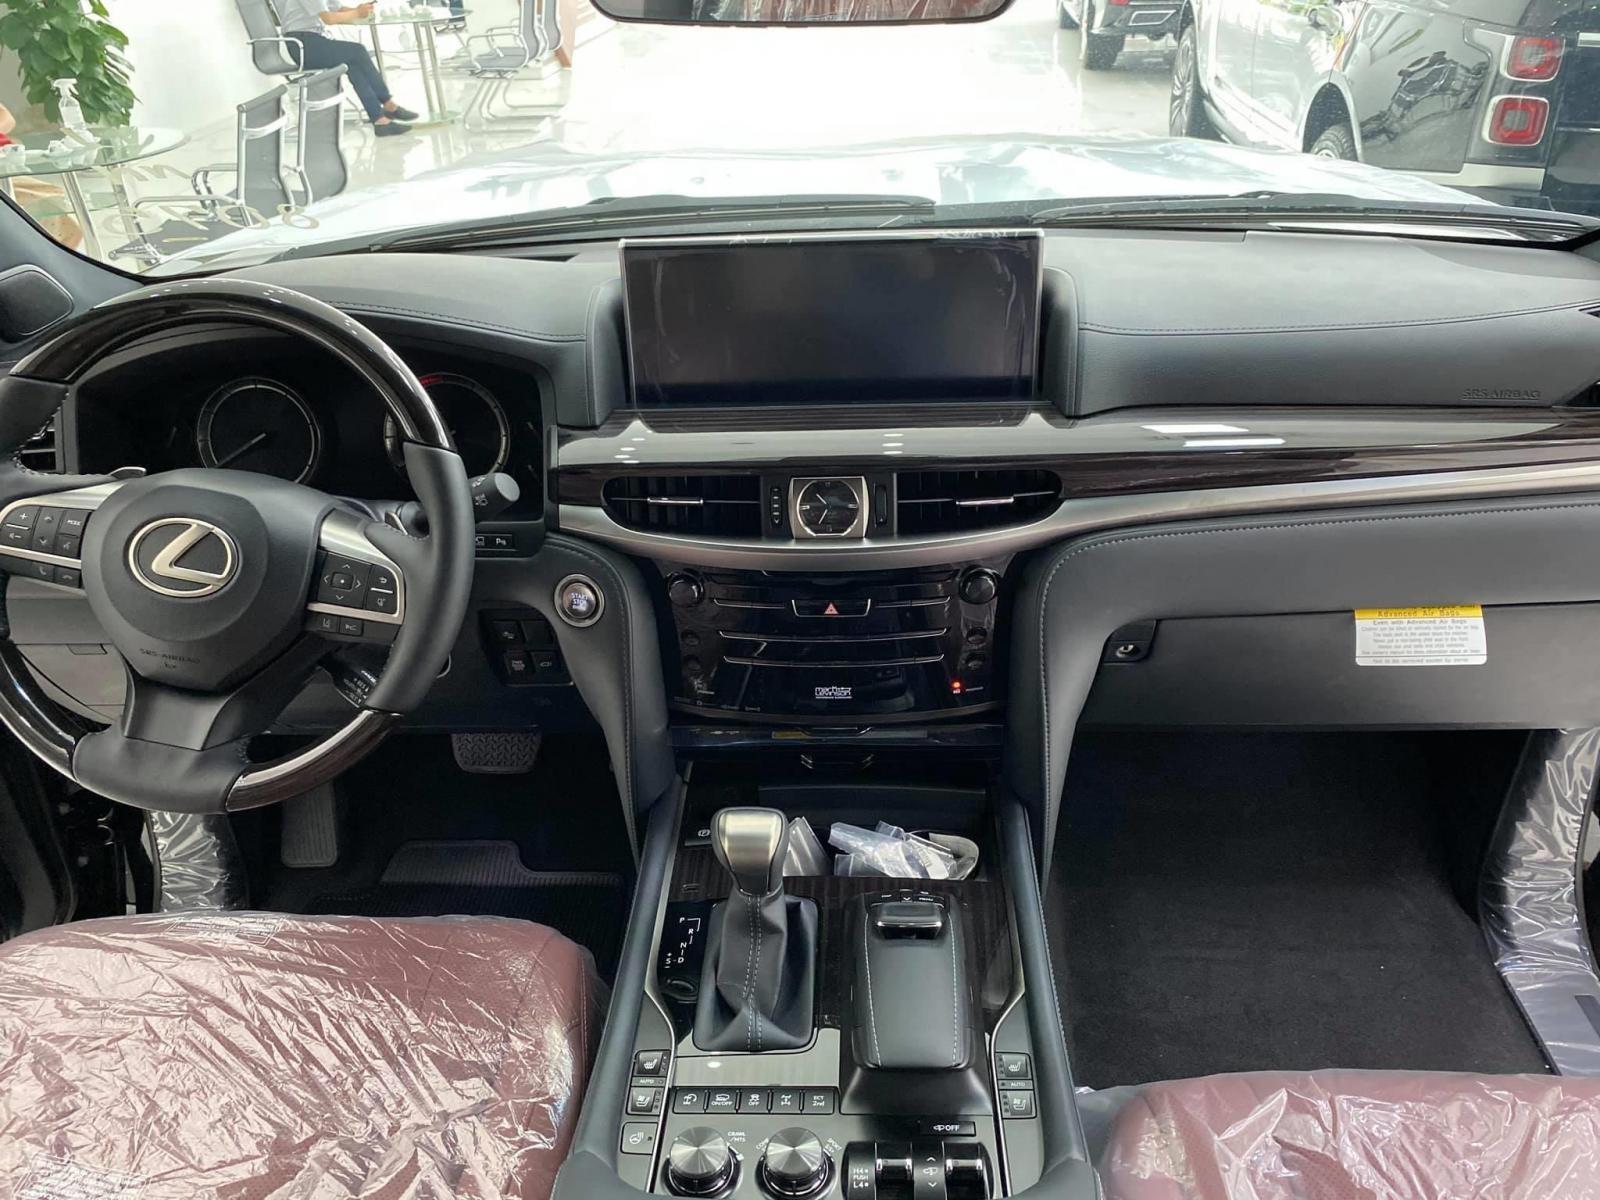 Lexus LX570 Super Sport sản xuất 2020, xuất Mỹ, màu đen, xe giao ngay